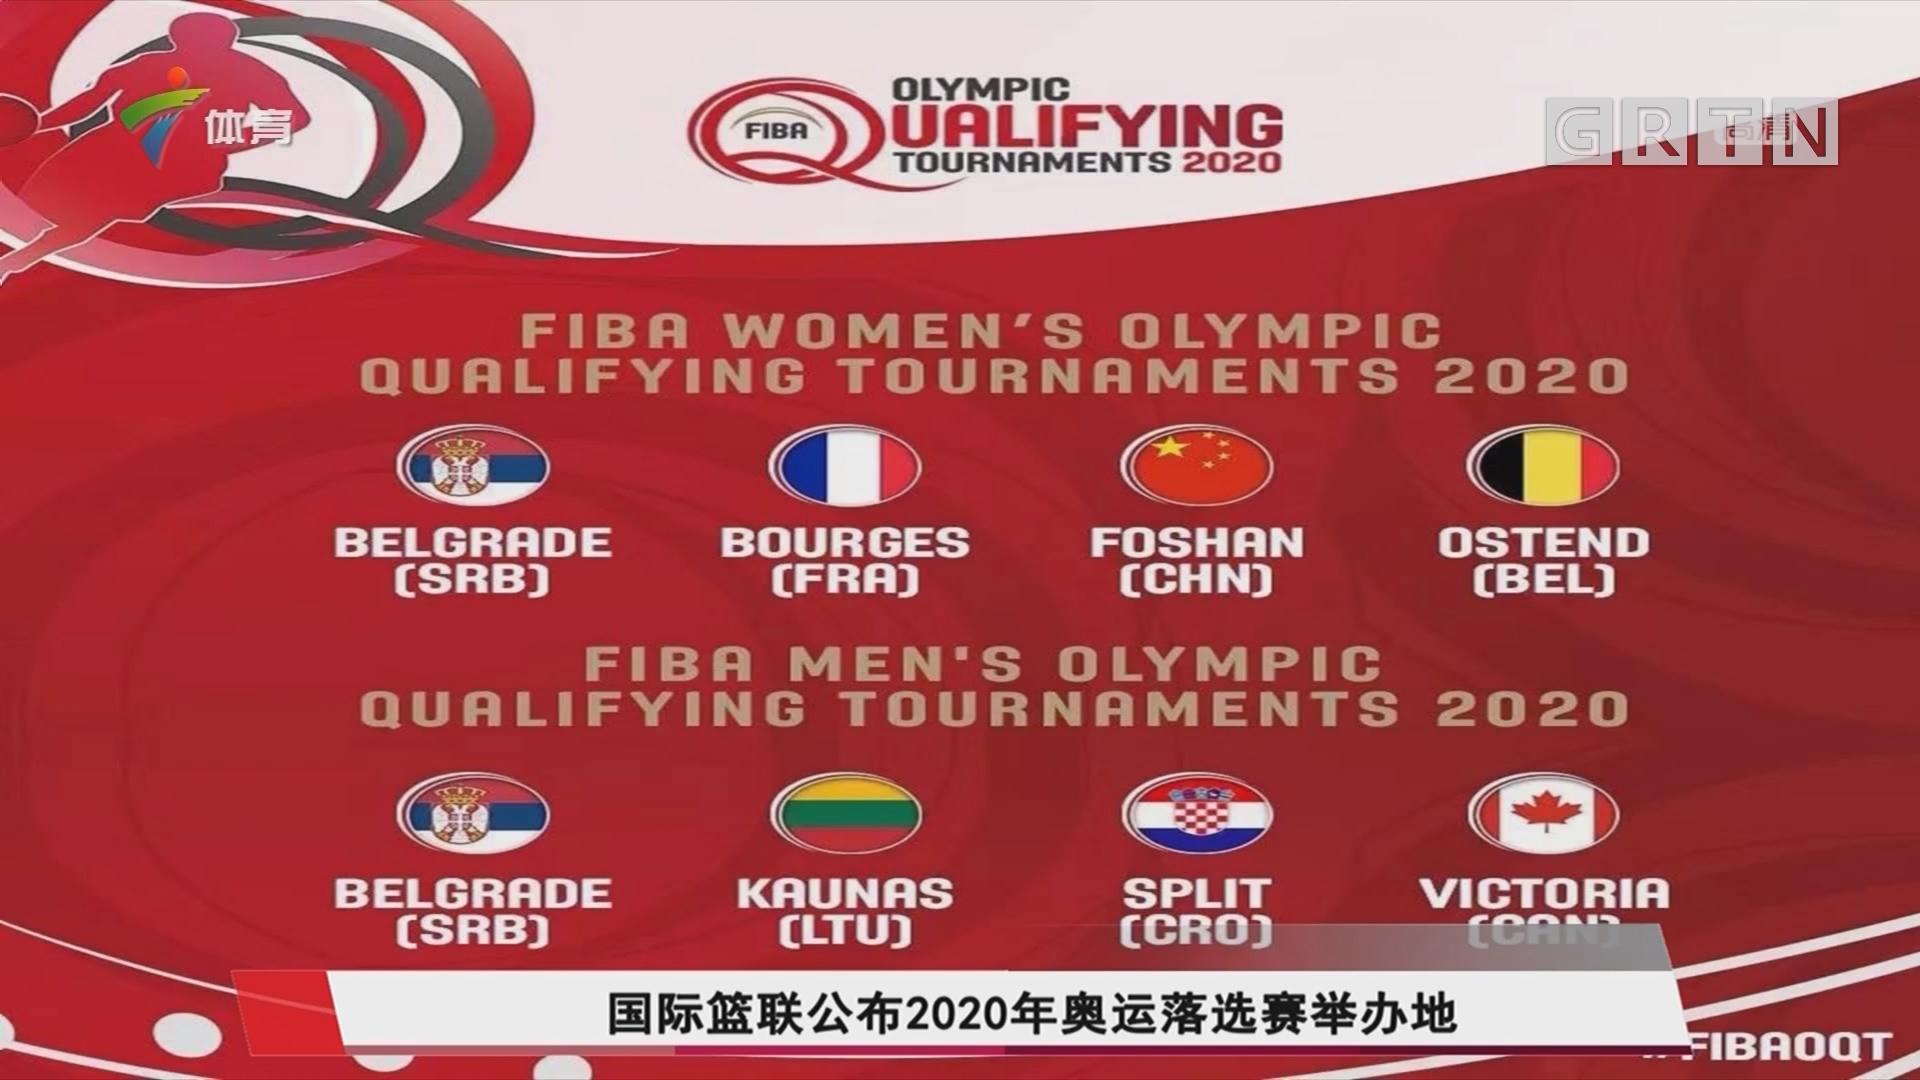 国际篮联公布2020年奥运落选赛举办地